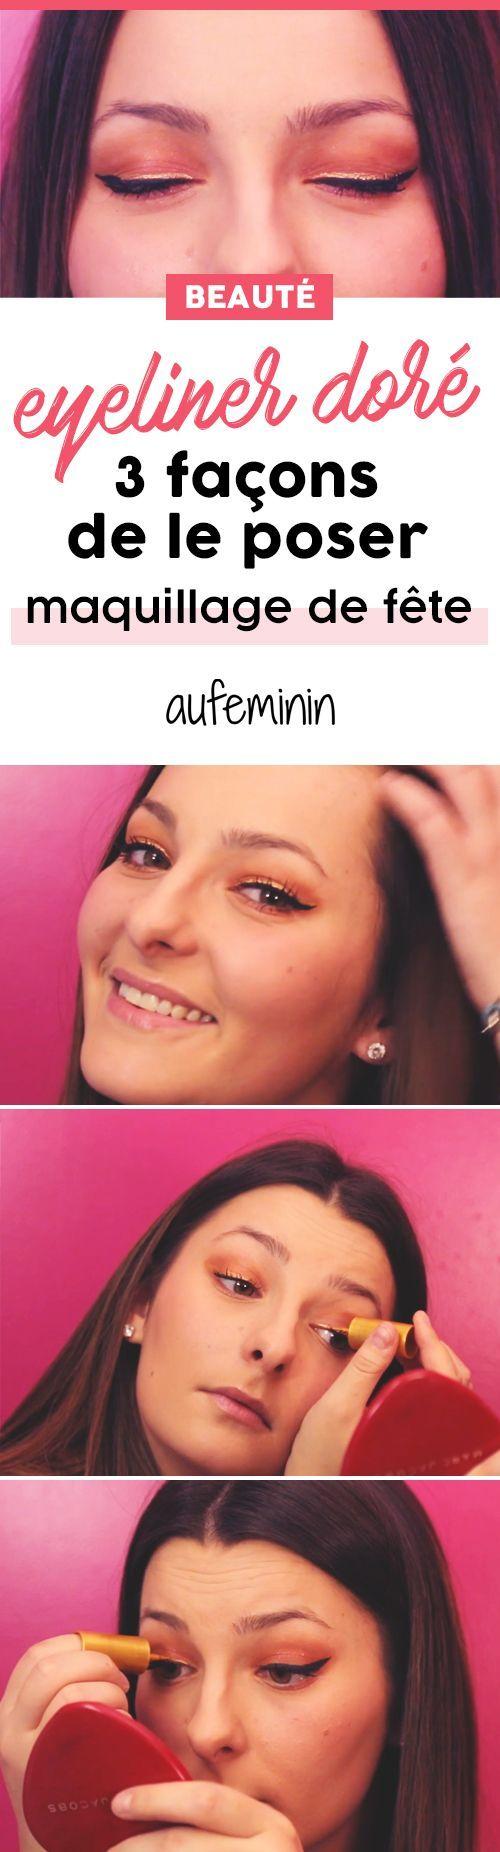 L'eye-liner doré, vas-tu oser ? On te montre comment l'appliquer avec un petit tuto maquillage de fête super facile. /// #aufeminin #eyeliner #doré #maquillage #lookdefête #fête #réveillon #paillettes #glitter #beauté #DIY #tuto